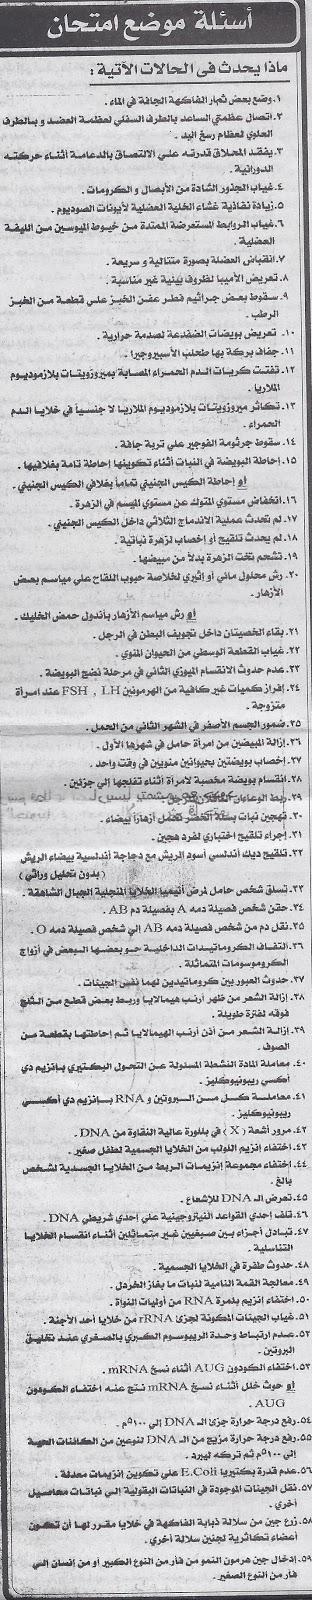 توقعات ملحق الجمهورية لامتحان بكرة احياء ثالثة ثانوى 2015 نظام حديث Scan0010